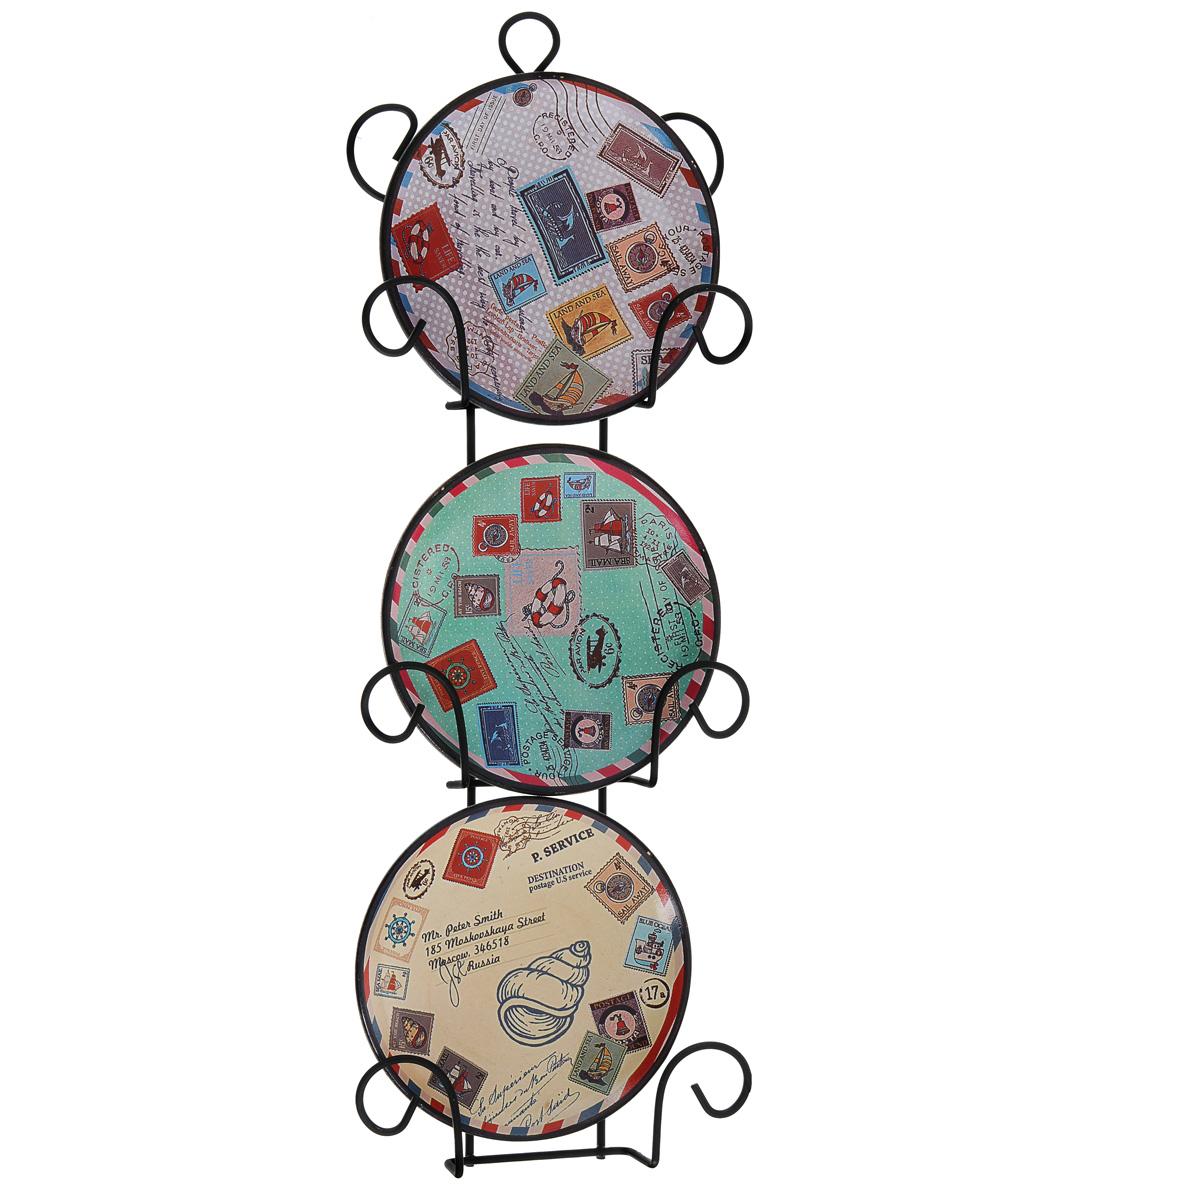 Набор декоративных тарелок Почта, диаметр 10 см, 3 шт36260Набор из трех декоративных тарелок с ярким рисунком украсят практически любое ваше помещение, будь то кухня, столовая, гостиная, холл и будут являться необычным дизайнерским решением. Тарелки выполнены из доломитовой керамики, подставка в виде вертикальной этажерки, благодаря которой сувенир удобно и быстро крепится к стене, - из черного металла. Каждая тарелочка, декорированная изображениями марок со всех сторон света, помещается в отдельную нишу. Очаровательный набор декоративных тарелок - замечательный подарок друзьям и близким людям.